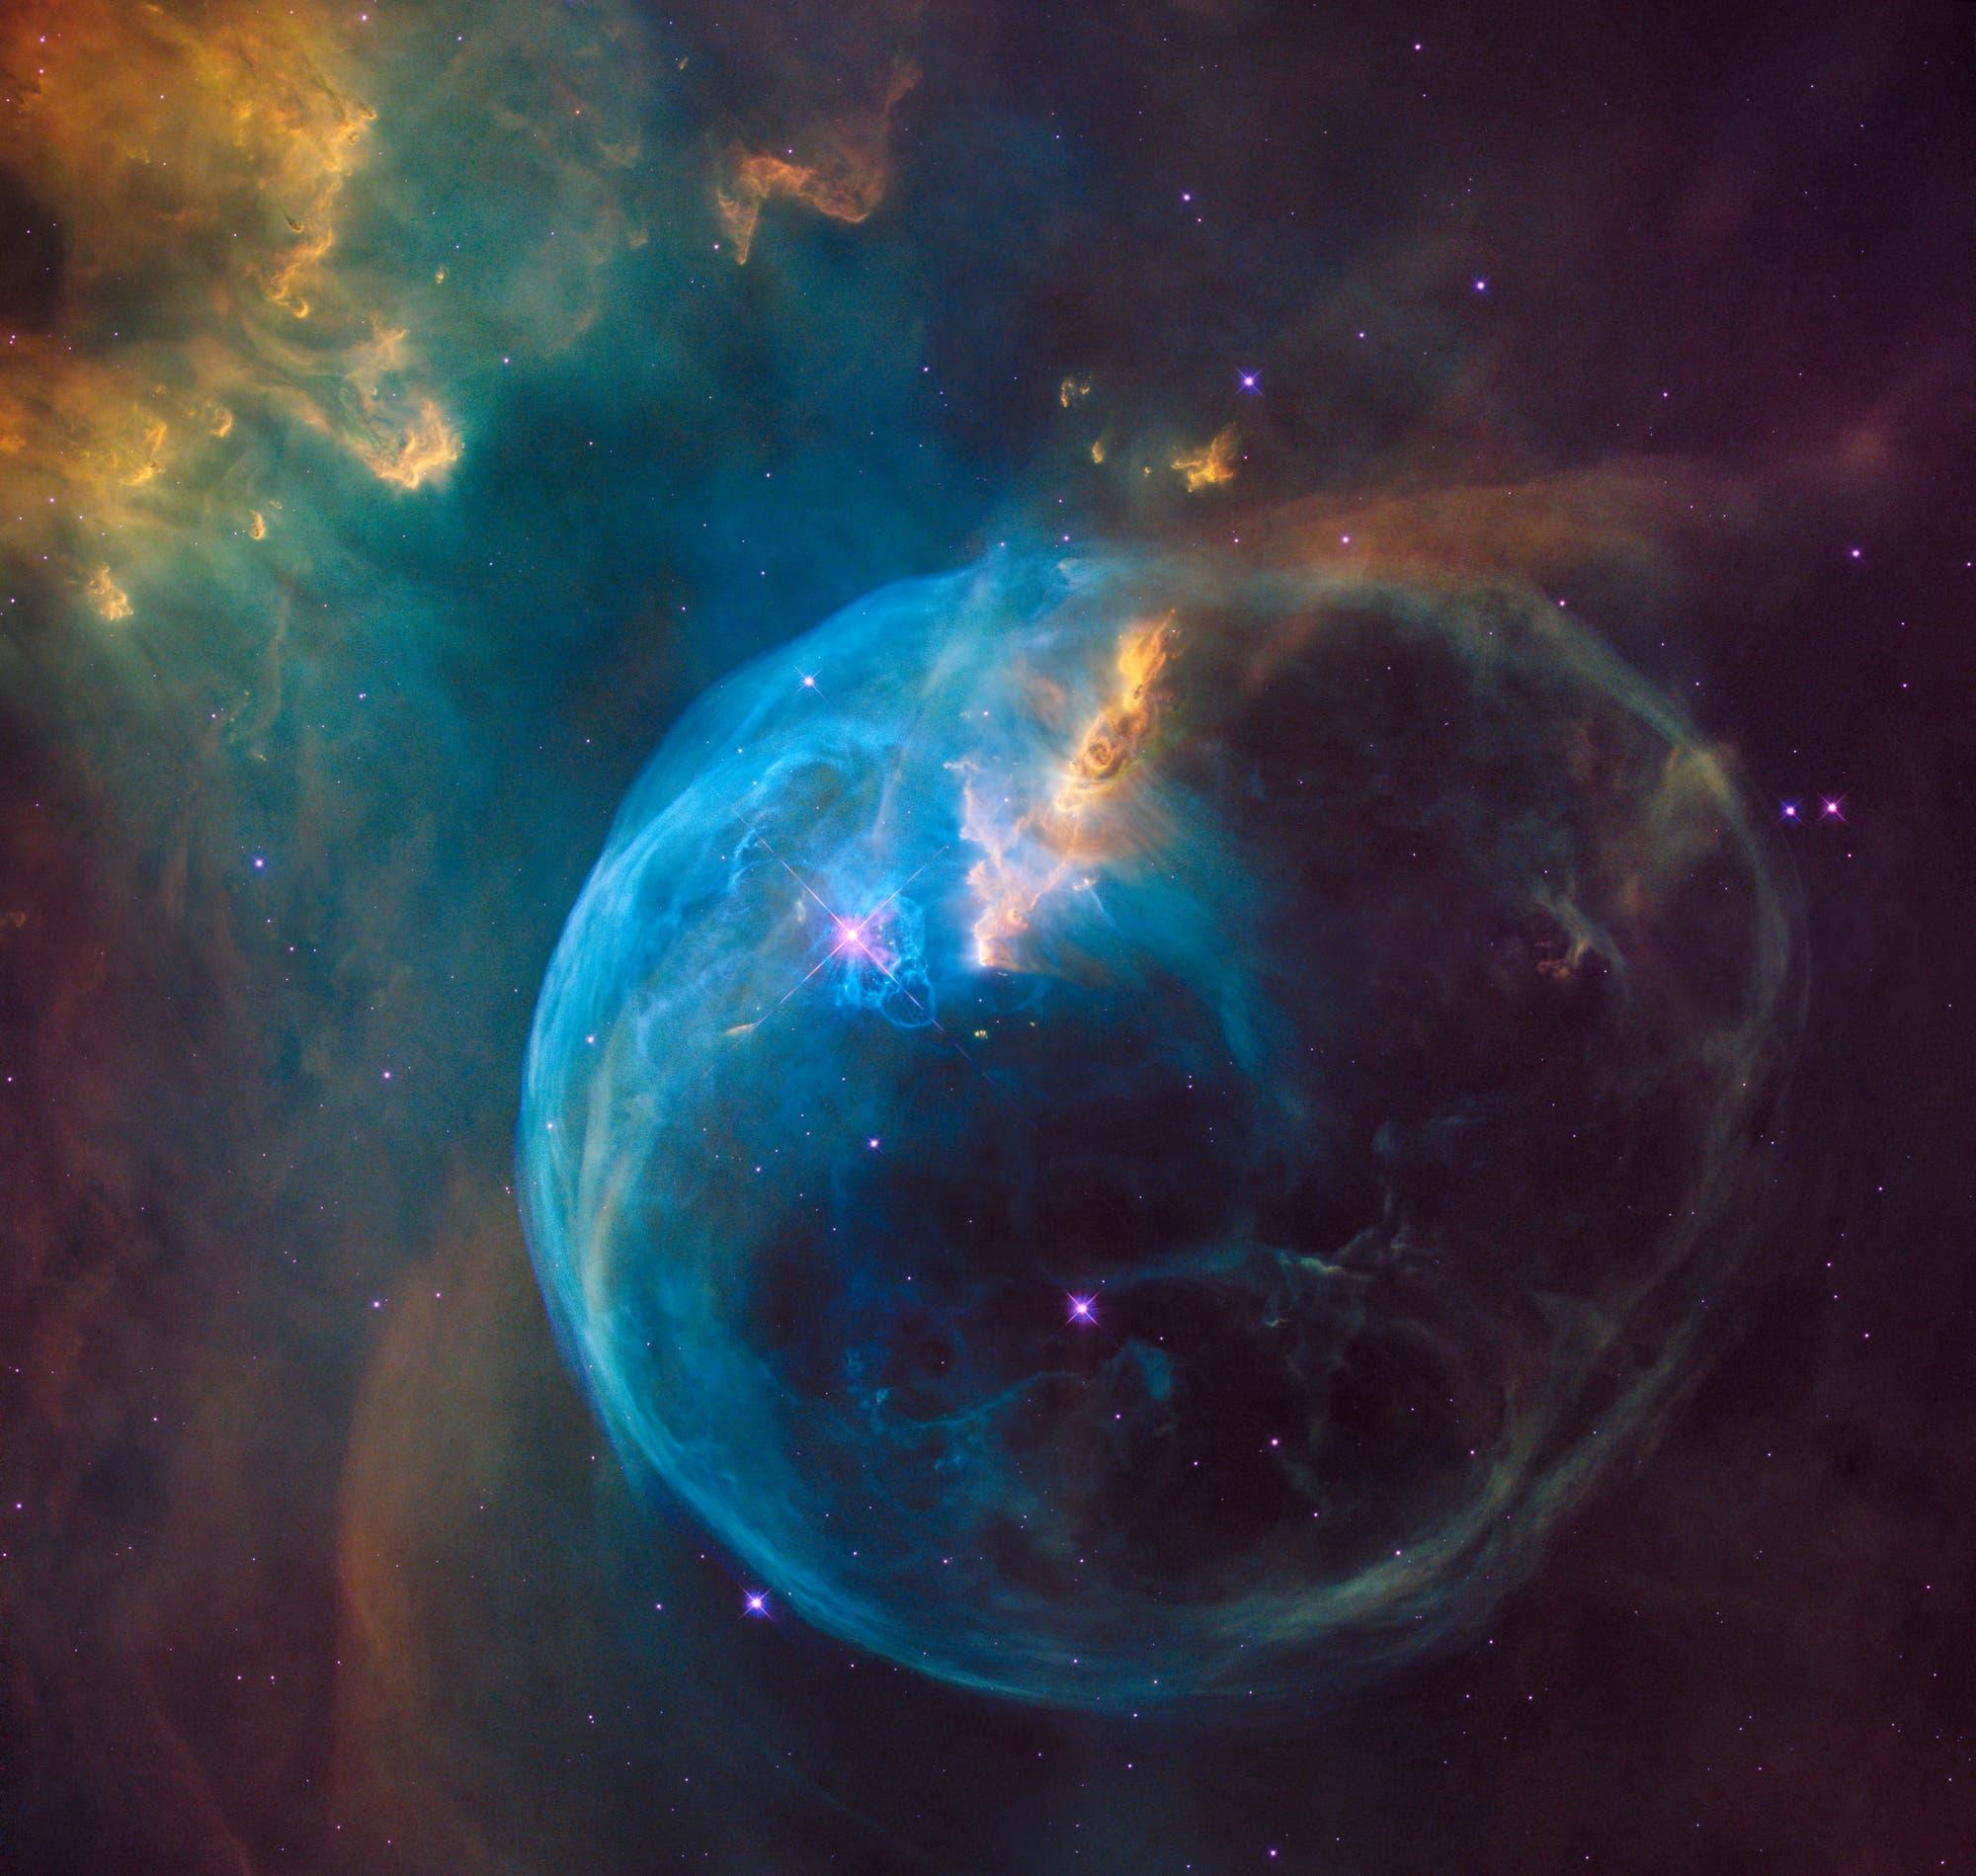 Der Blasennebel NGC 7635 im Sternbild Kassiopeia (HST-Aufnahme)